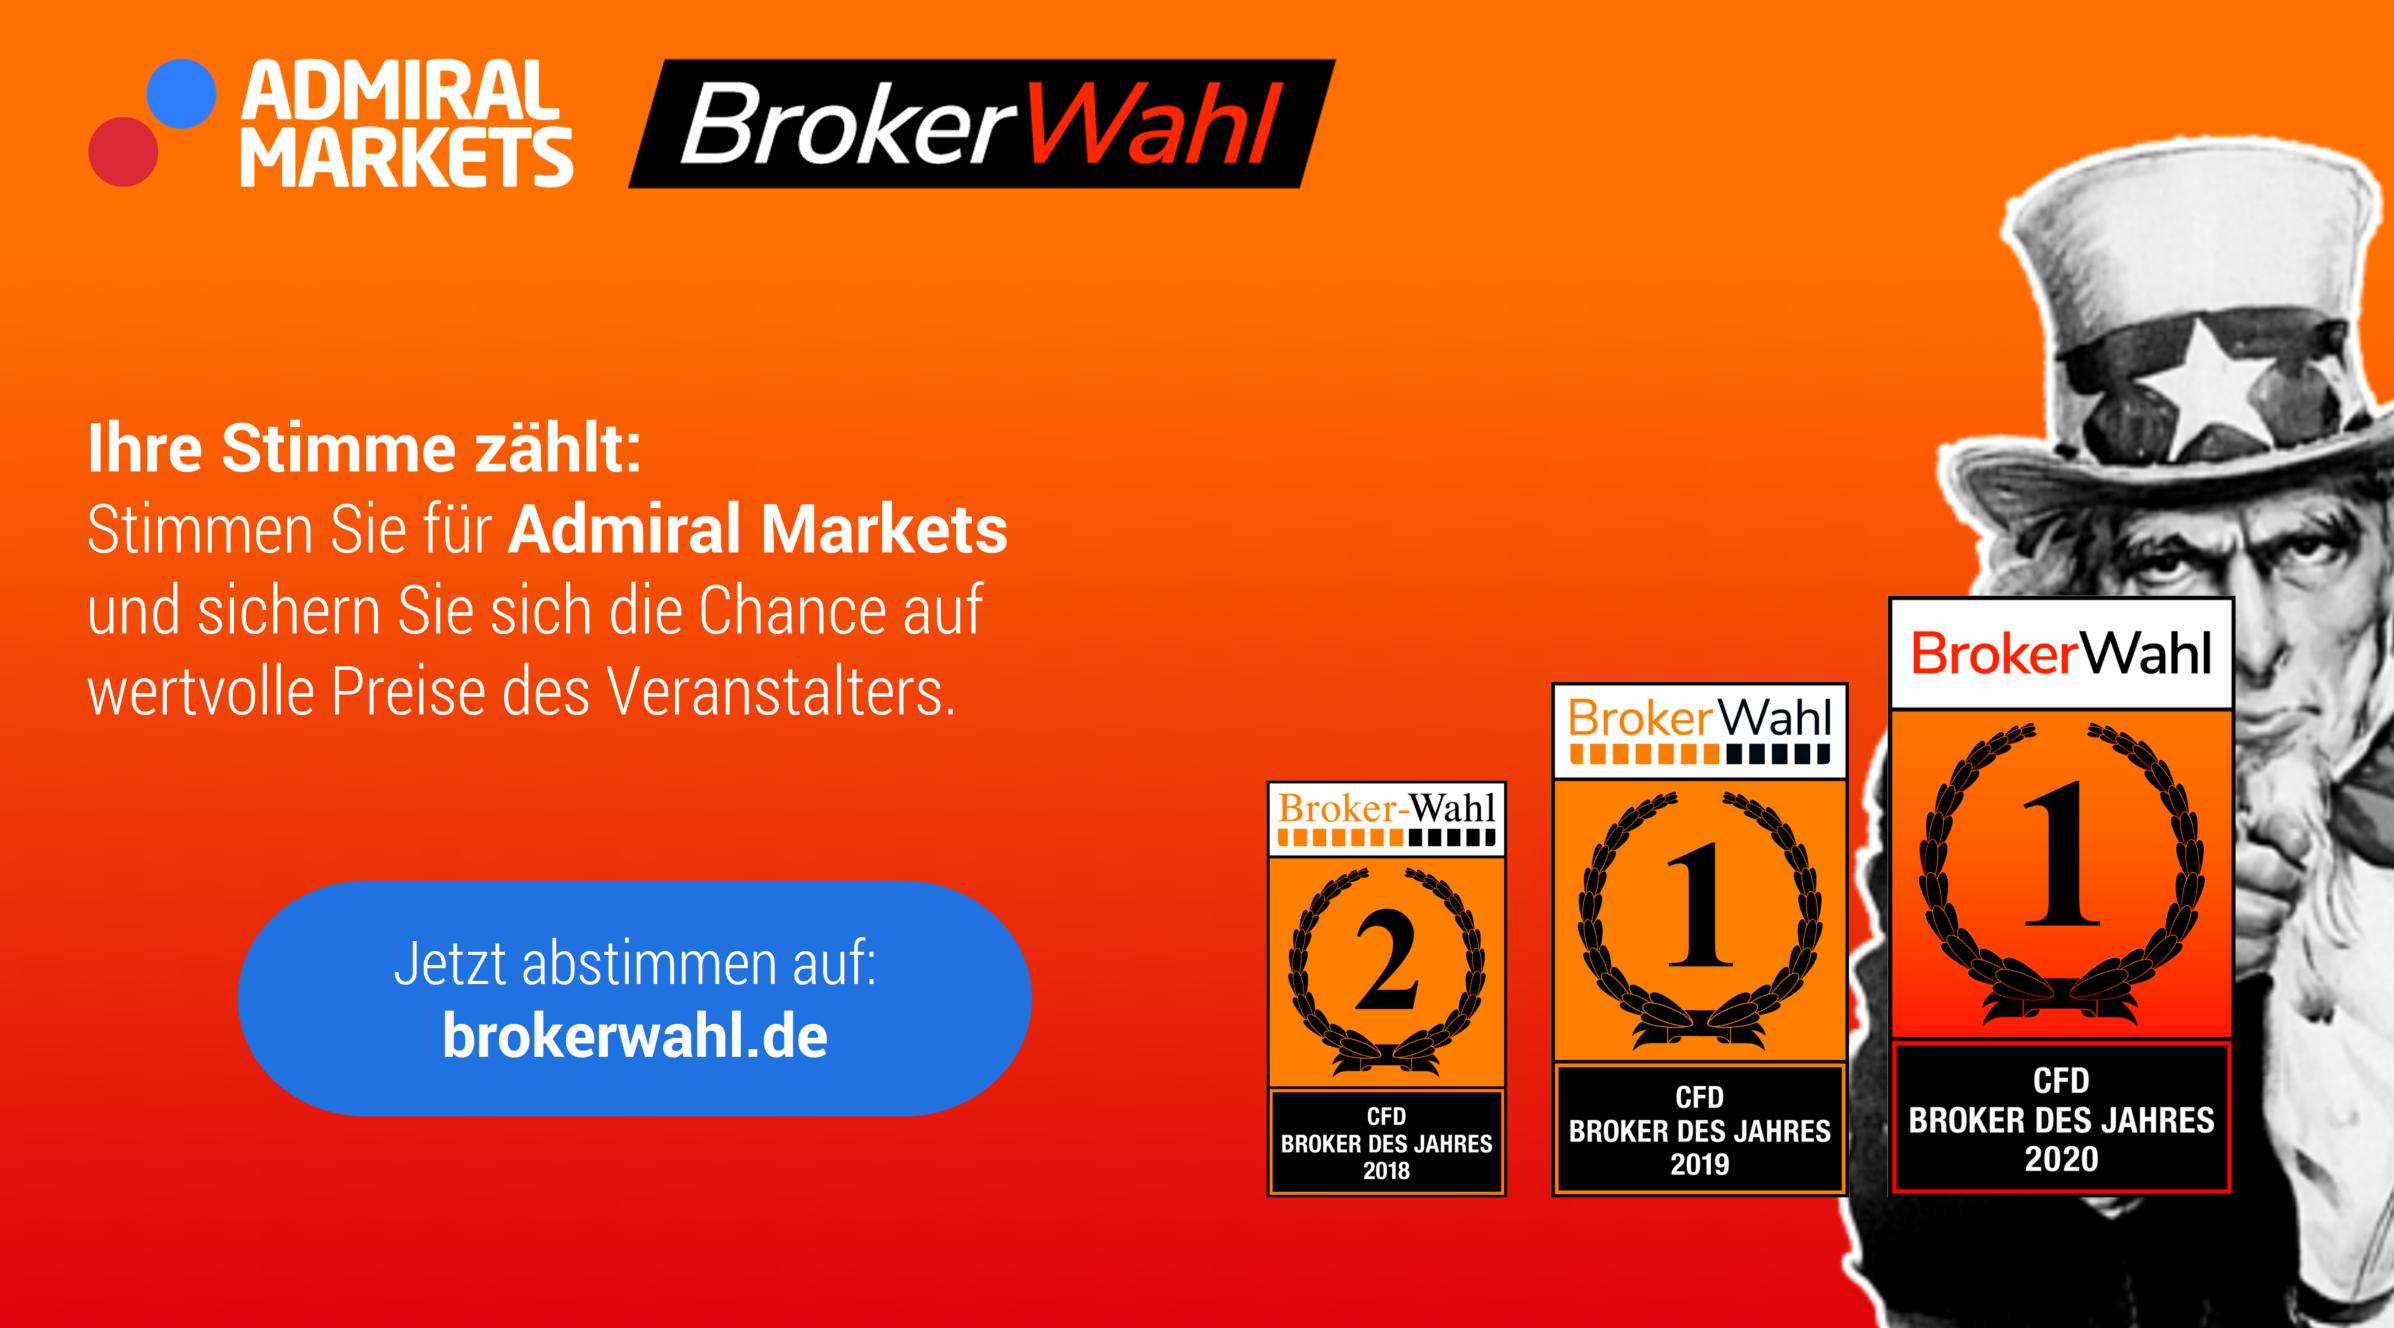 DAX-kann-sich-nicht-von-Inflationsängsten-befreien-Kommentar-Admiral-Markets-GodmodeTrader.de-1